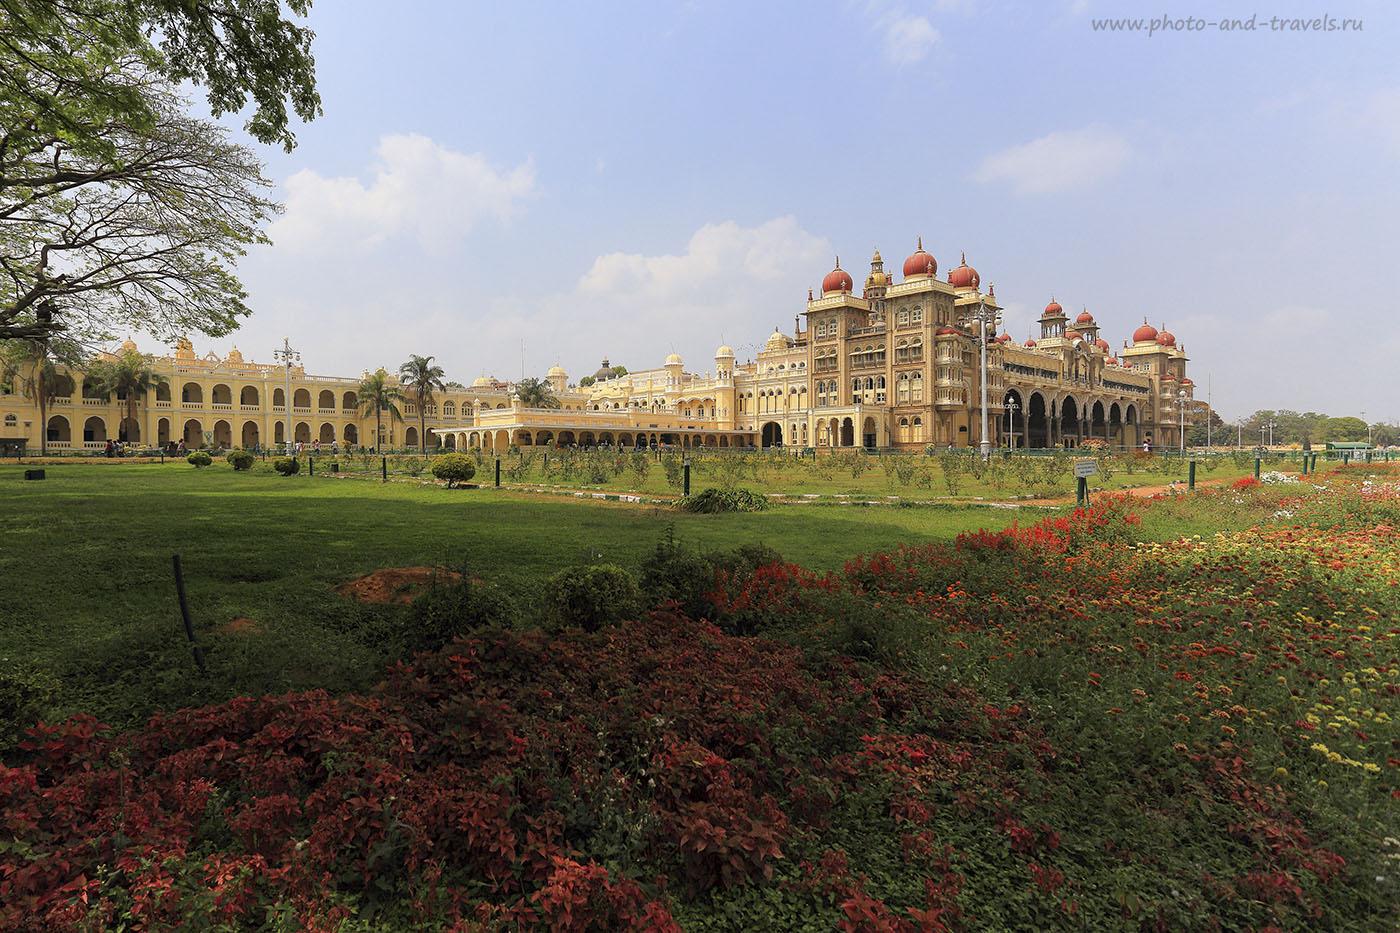 Фото 11. Дворцовый сад. Отчет о поездке в Майсур в штате Карнатака в Индии. 1/400, -1, 7.0, 100, 17